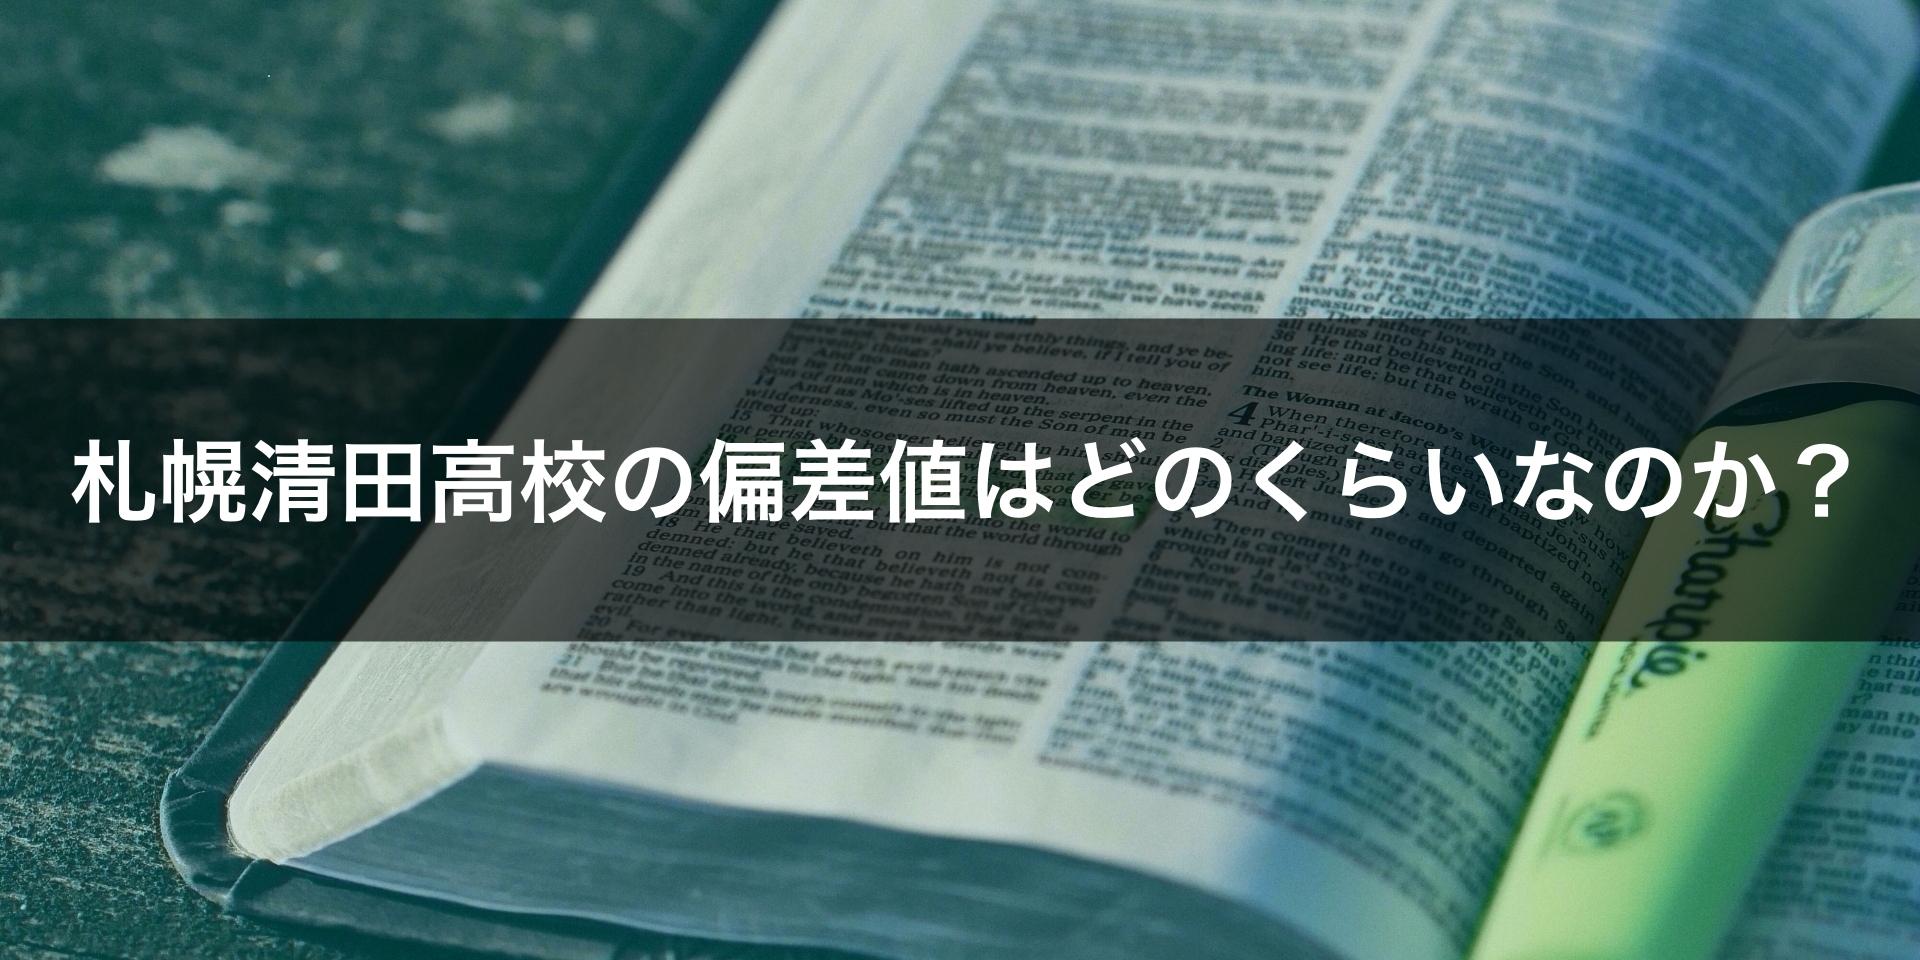 札幌清田高校の偏差値はどのくらいなのか?